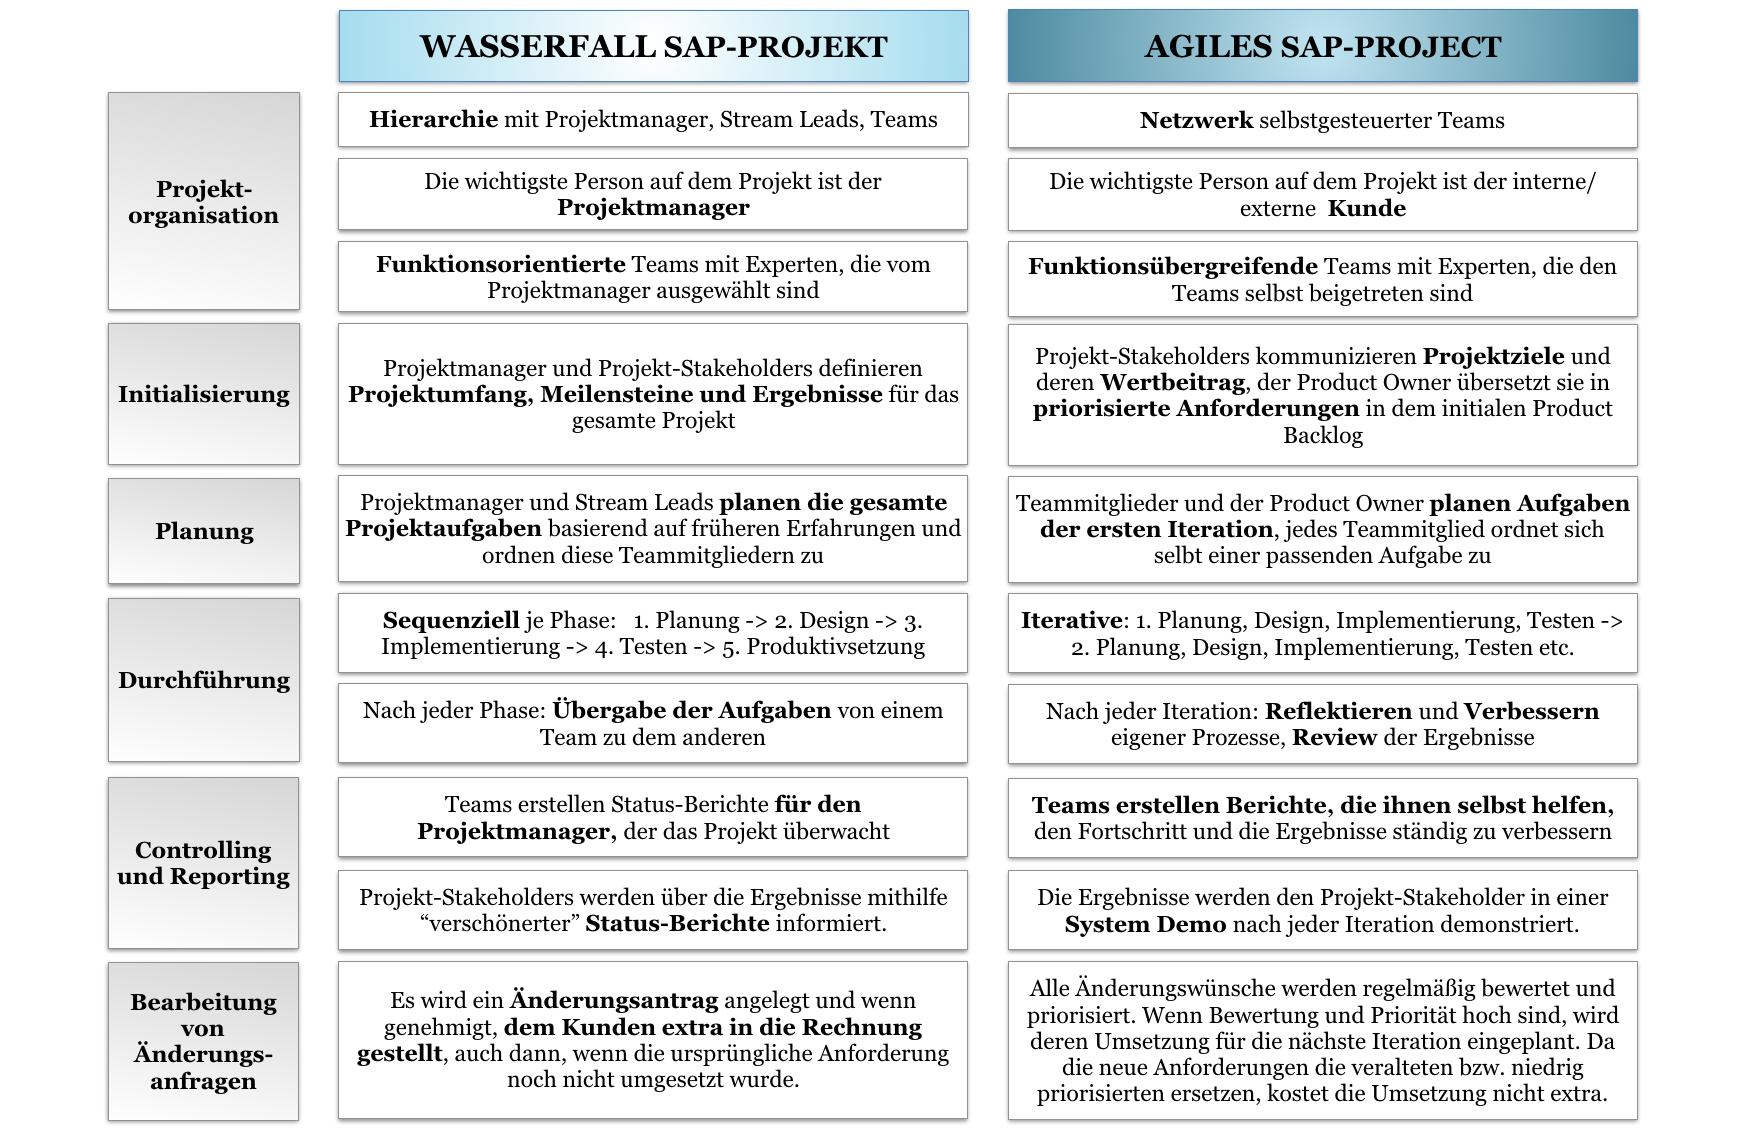 Merkmale von Wasserfall- und agilen SAP-Projekten_Agilon GmbH